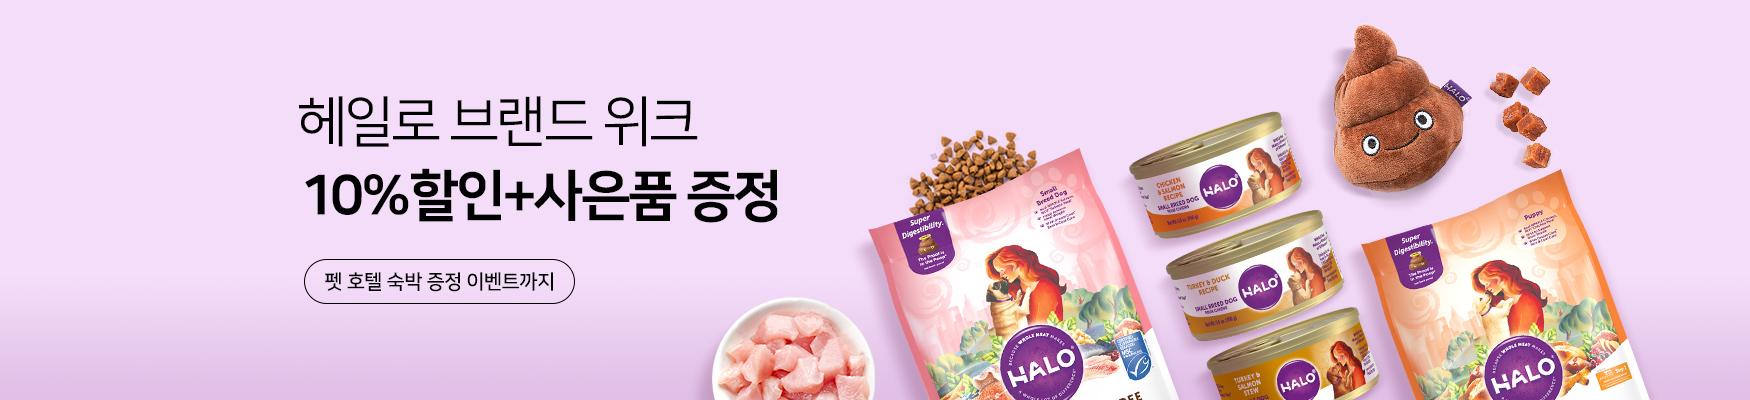 [증정] HALO브랜드위크